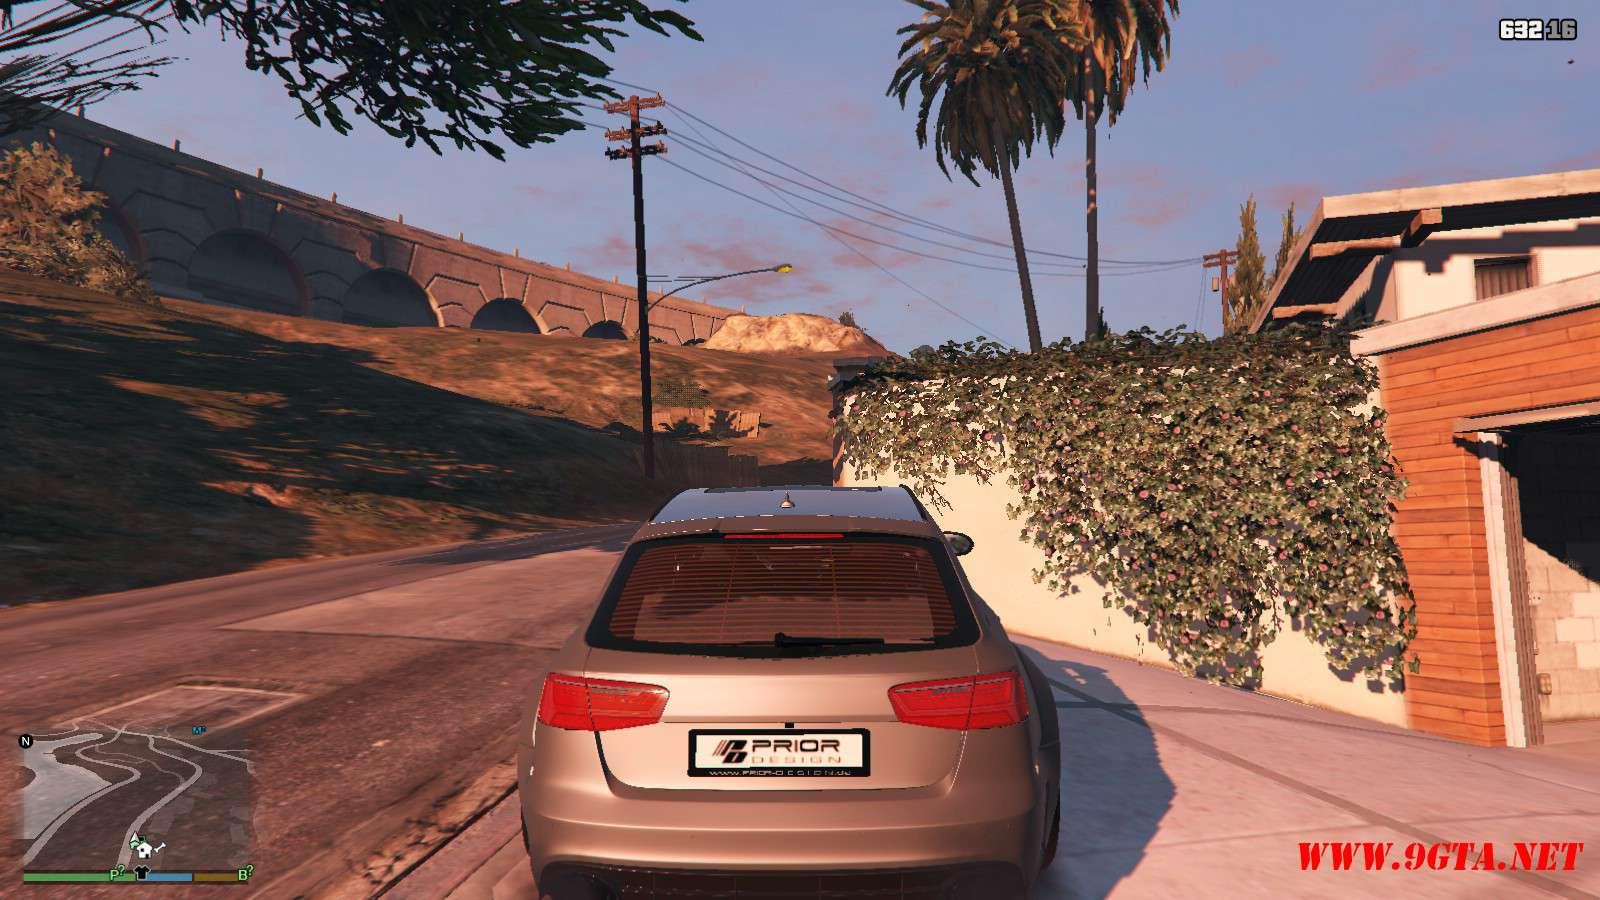 Audi RS6 Prior GTA5 Mods (3)